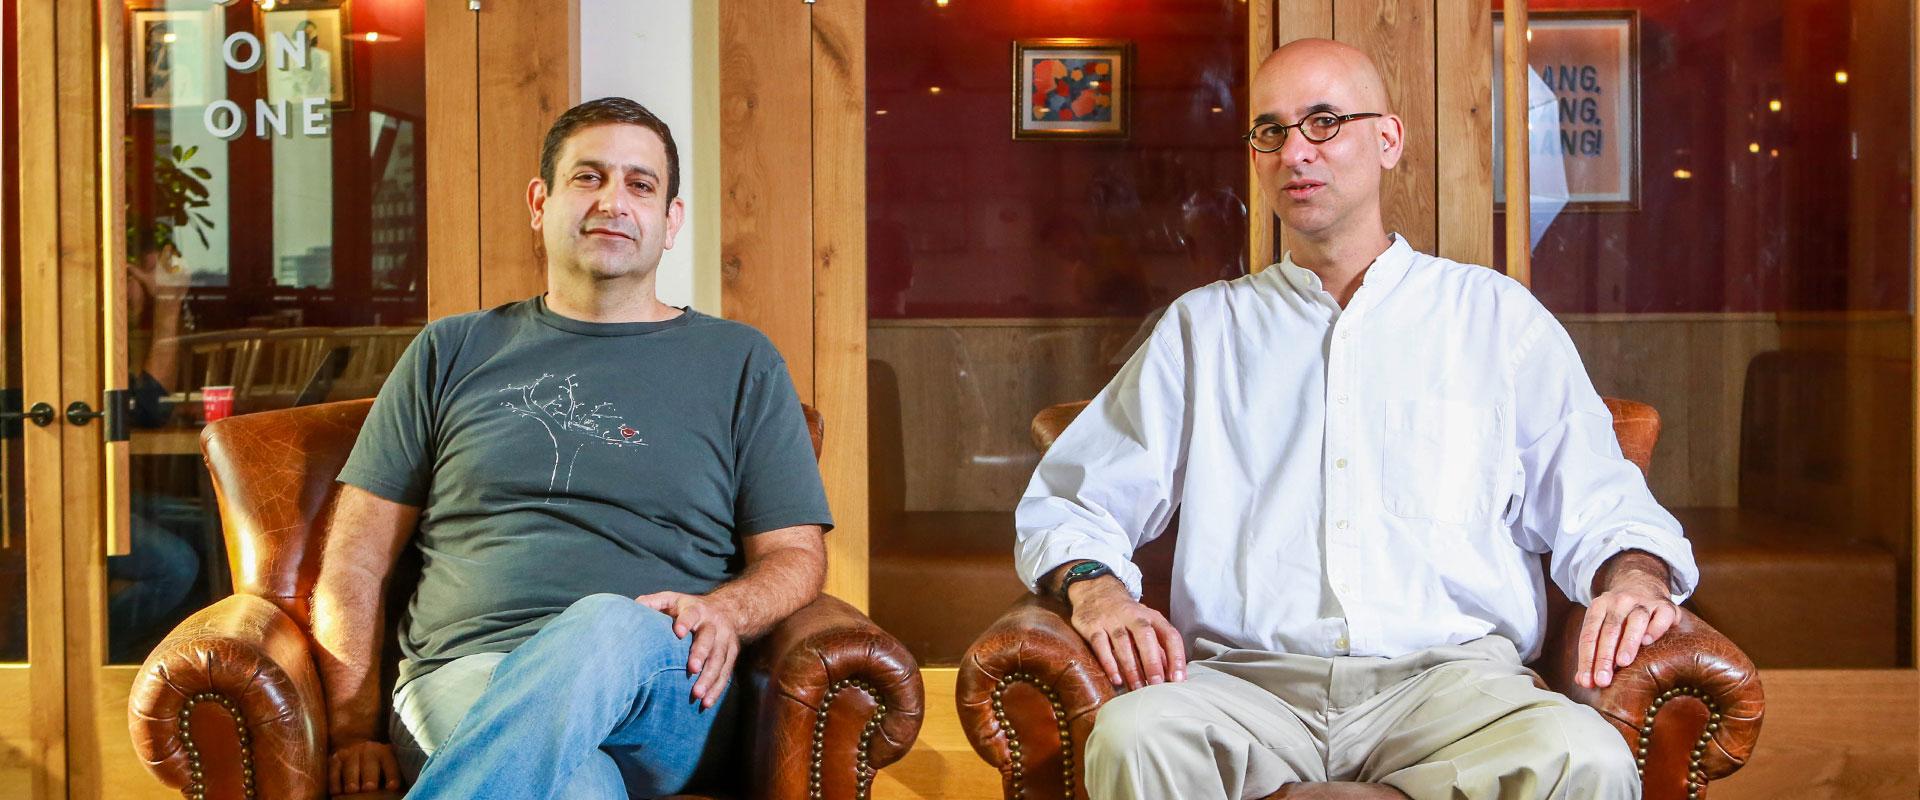 10 Most Promising Start-Ups - Demisto / צילום: שלומי יוסף